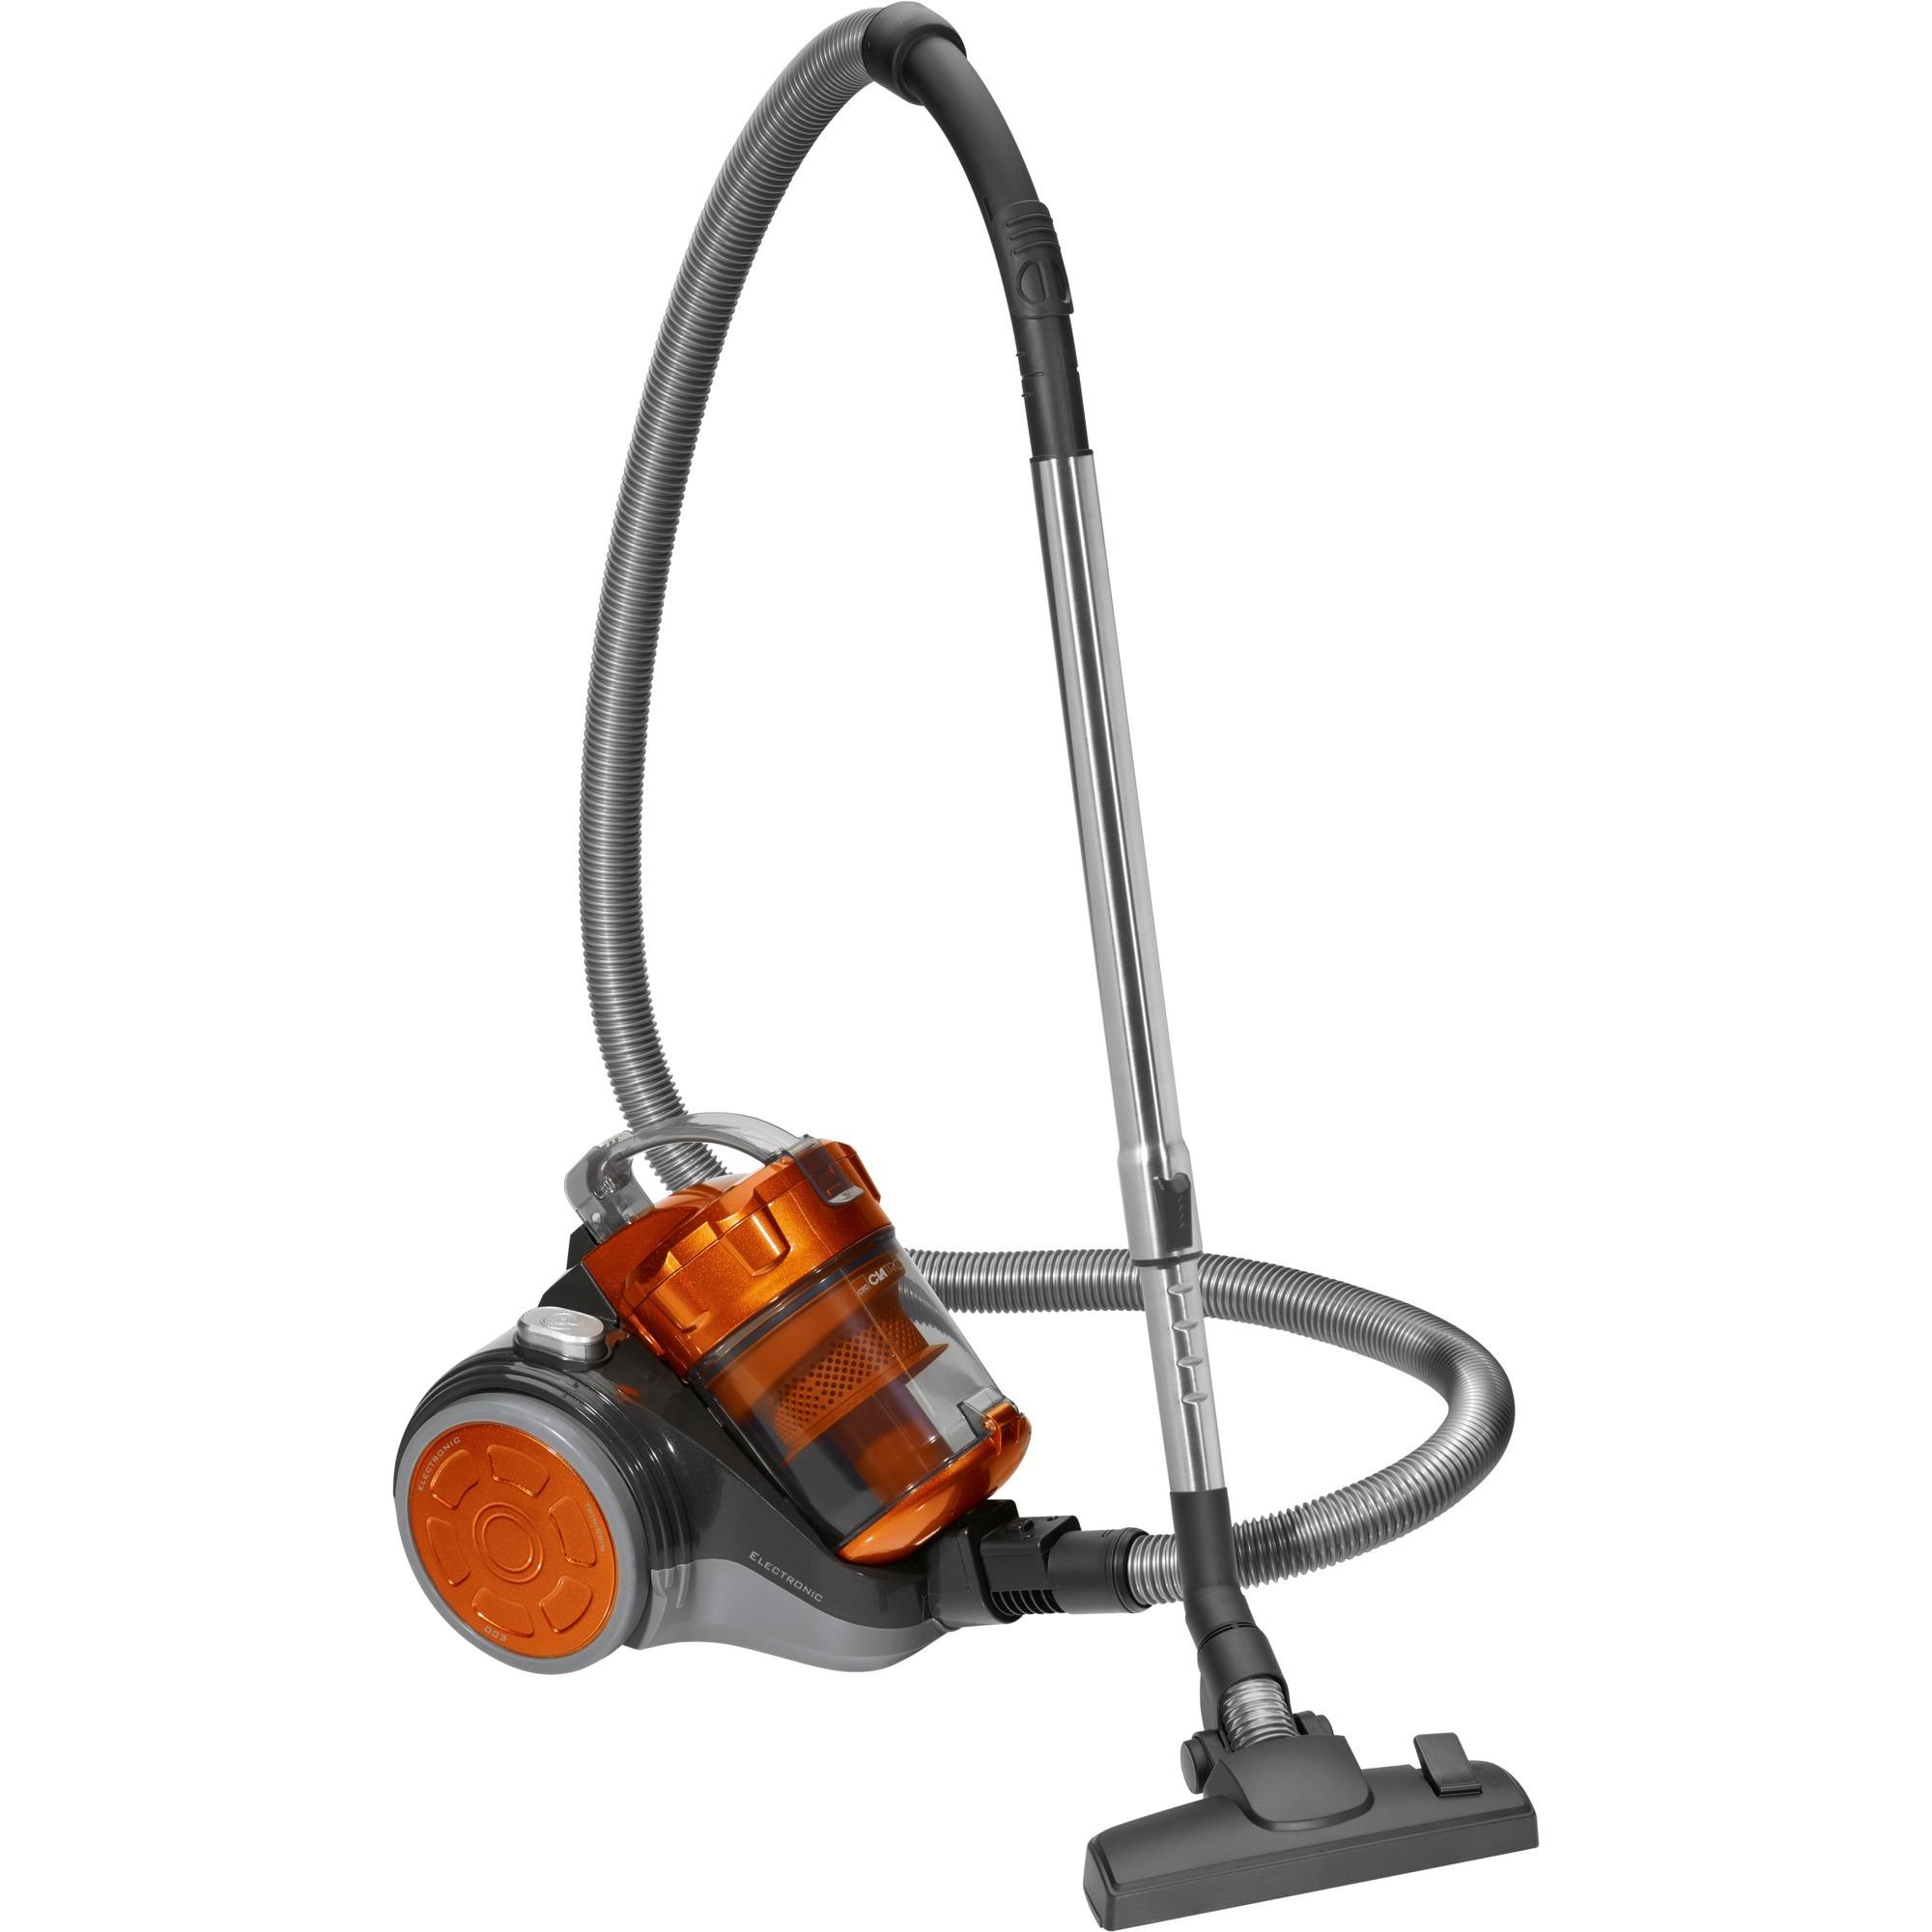 BS 1302 700 W A Aspiradora cilíndrica Naranja, Aspiradora de suelo